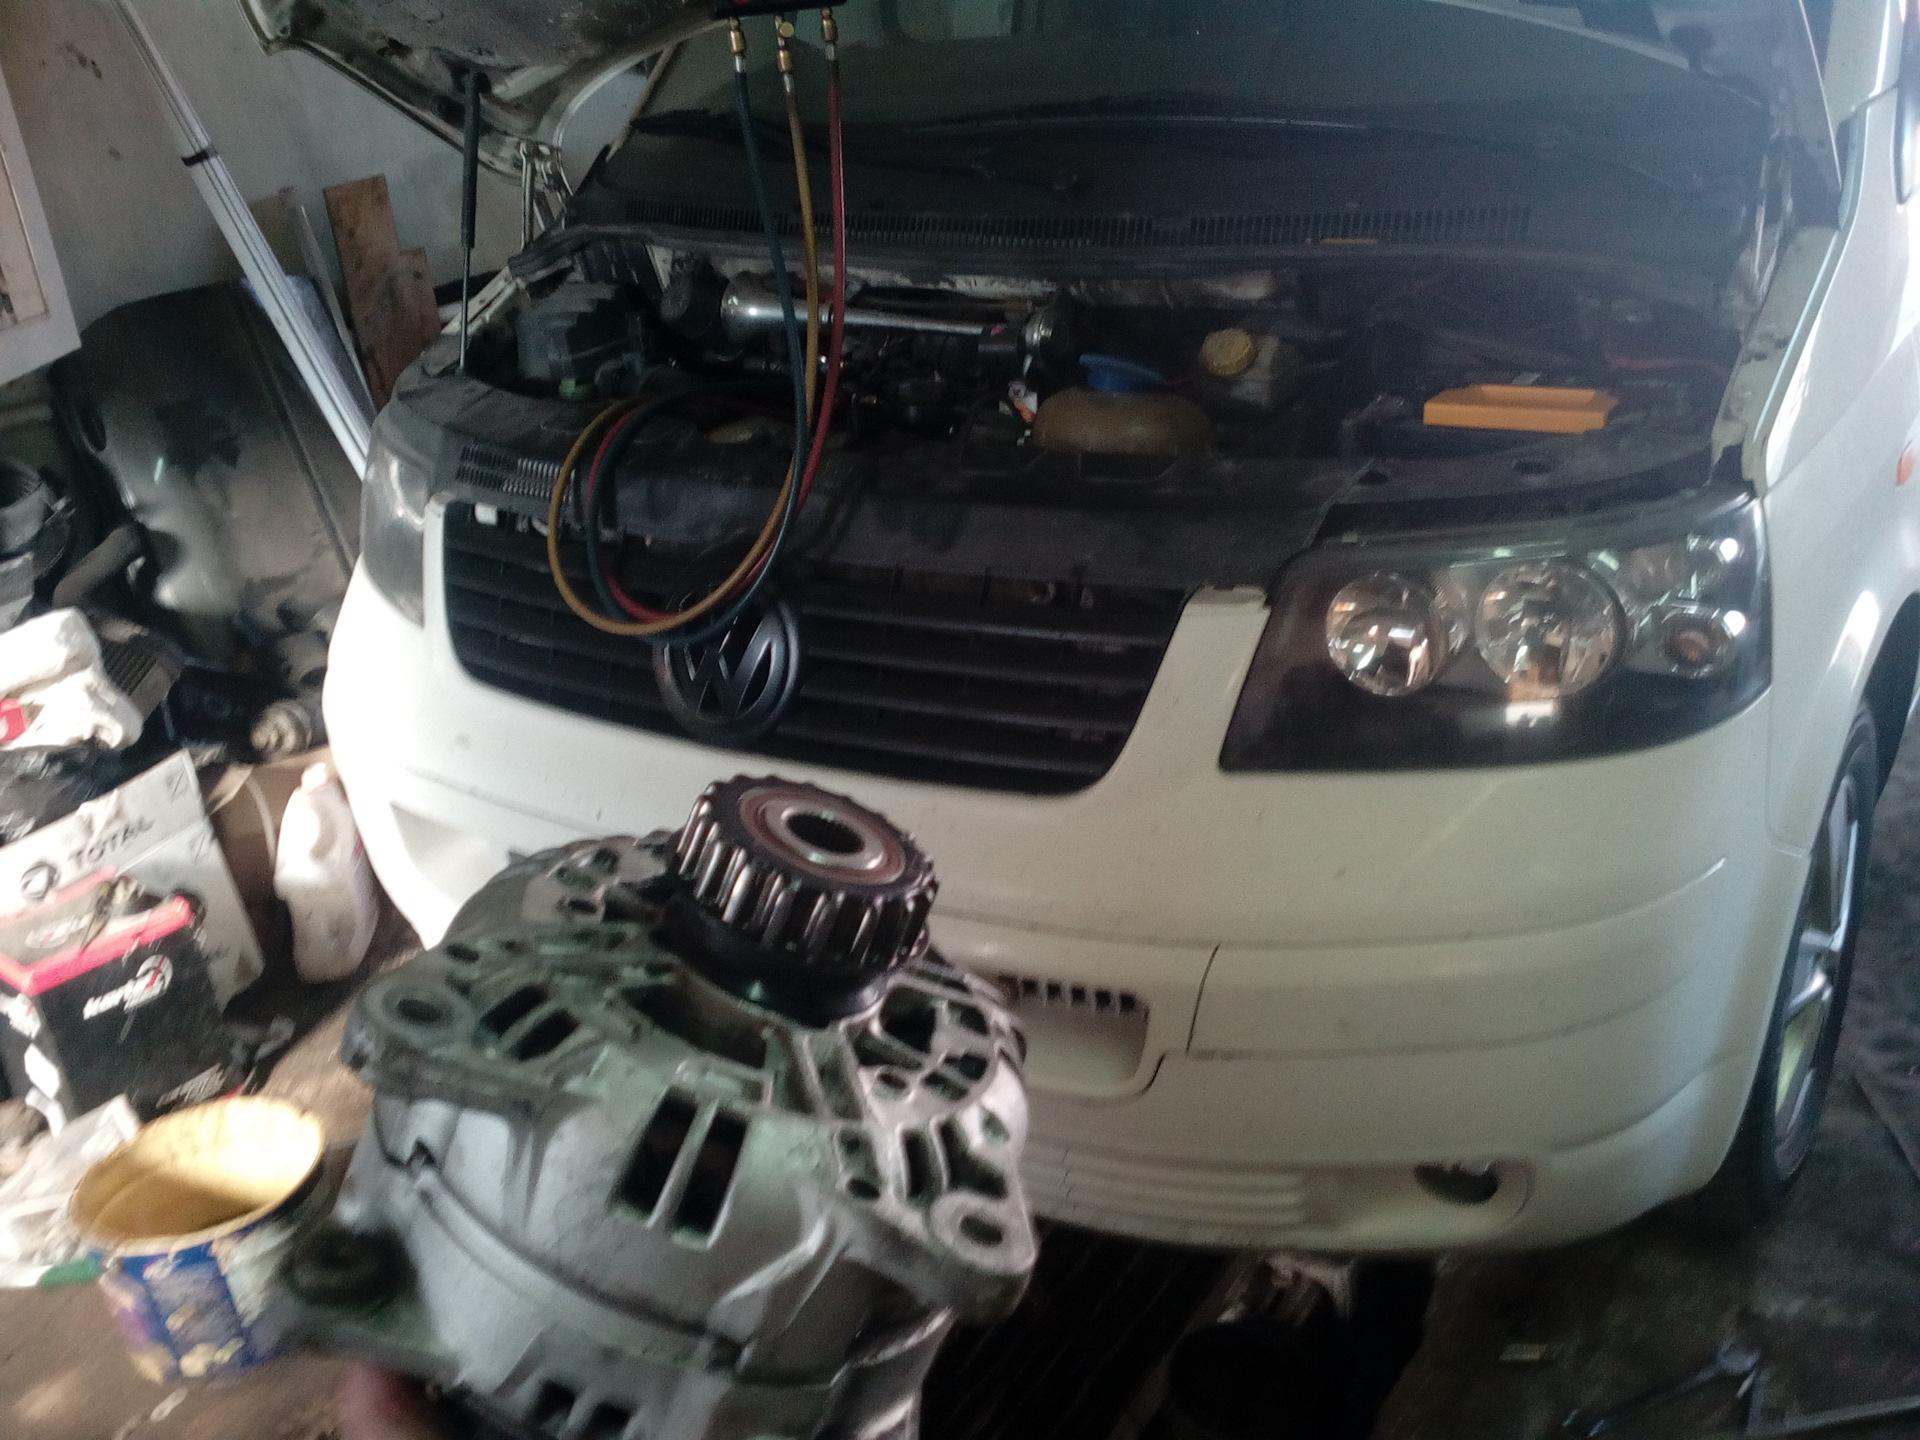 Снятие двигателя т5 транспортер чаплыженский элеватор главный инженер